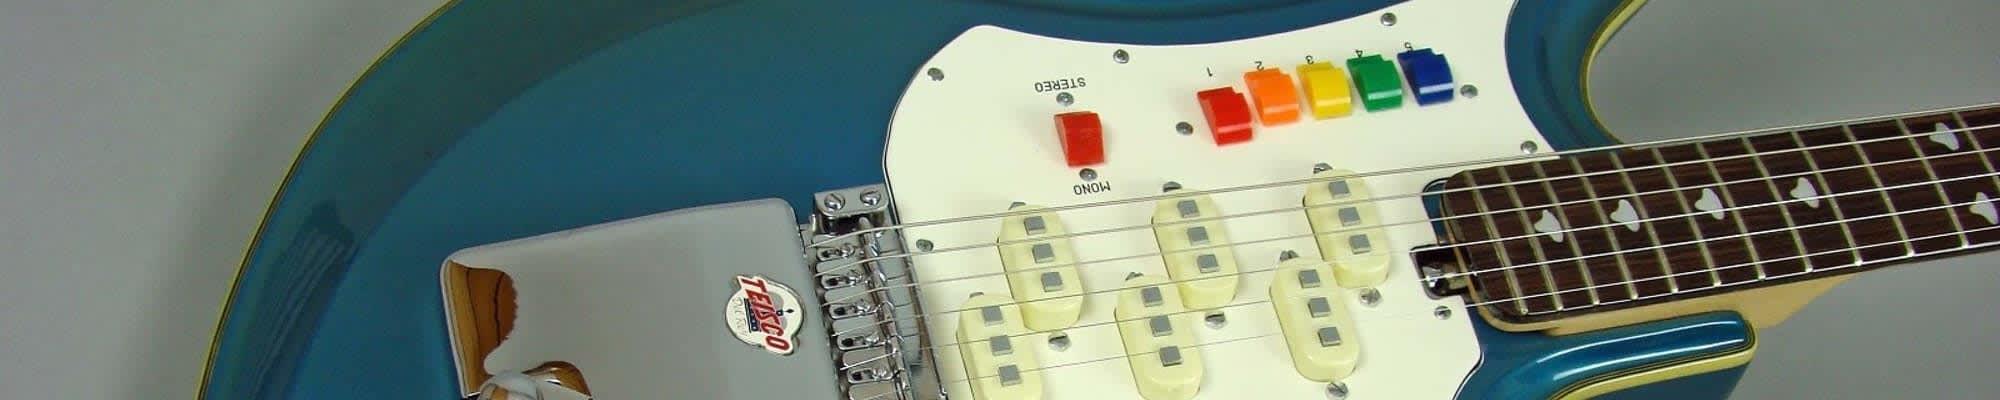 Teisco Reverb Kay Guitar Wiring Diagram